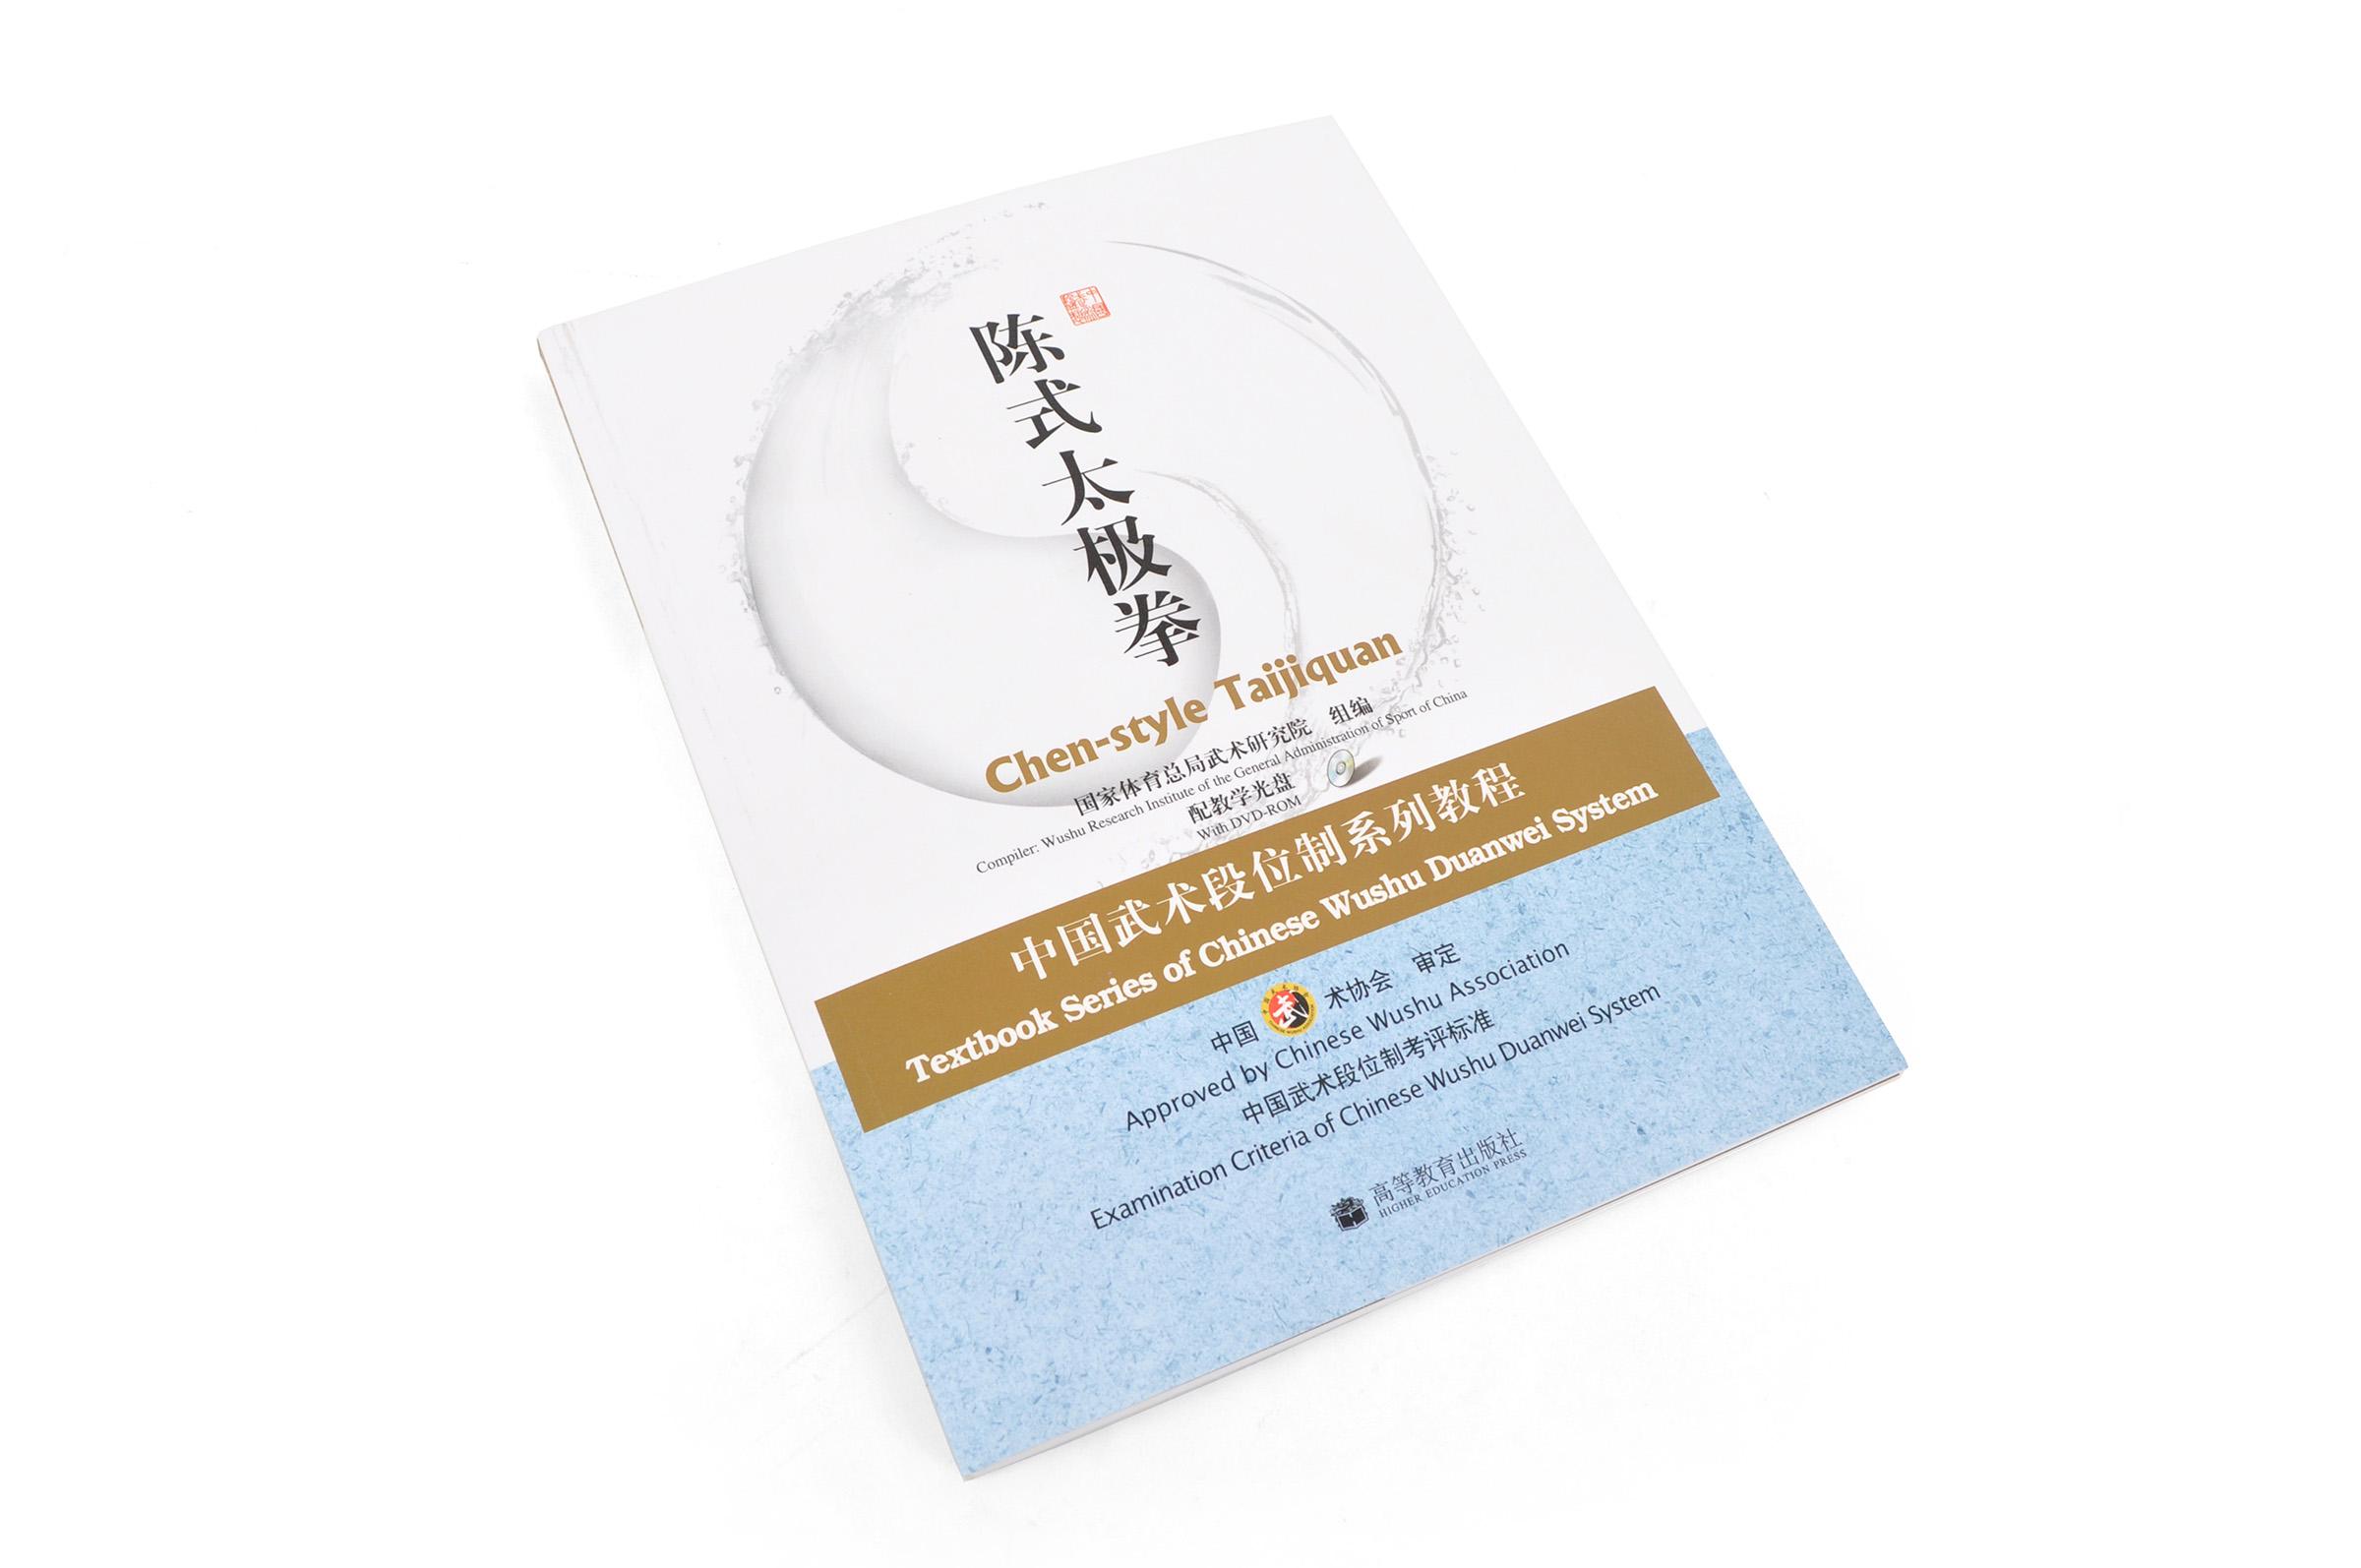 [Série Duanwei] Chen-style Taijiquan